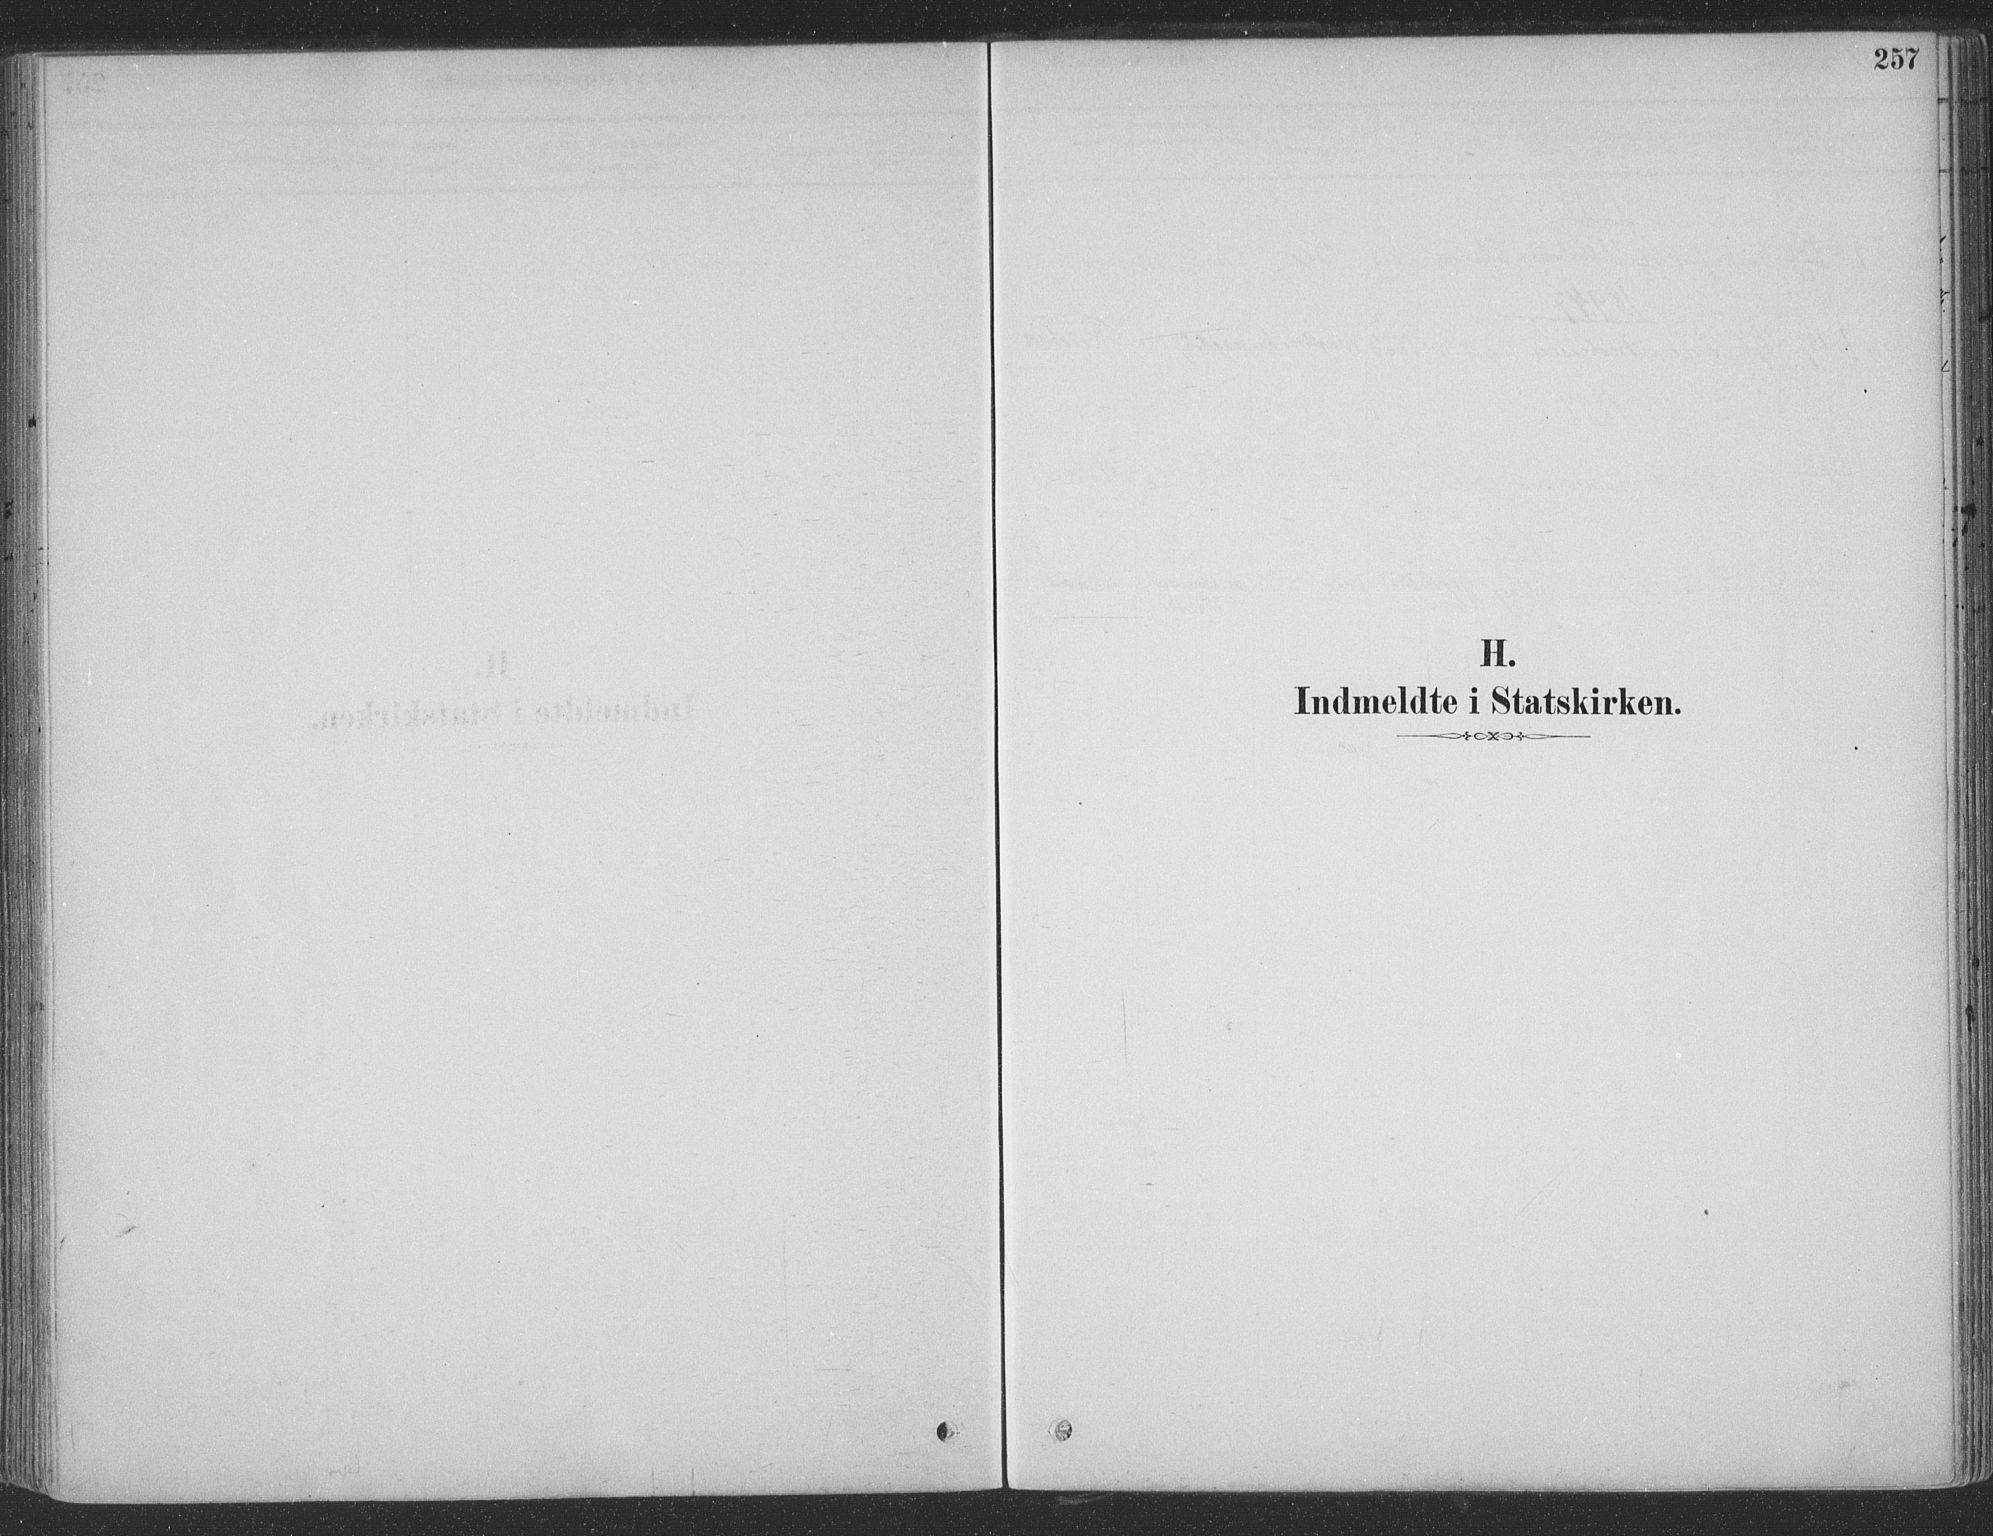 SAT, Ministerialprotokoller, klokkerbøker og fødselsregistre - Møre og Romsdal, 547/L0604: Ministerialbok nr. 547A06, 1878-1906, s. 257